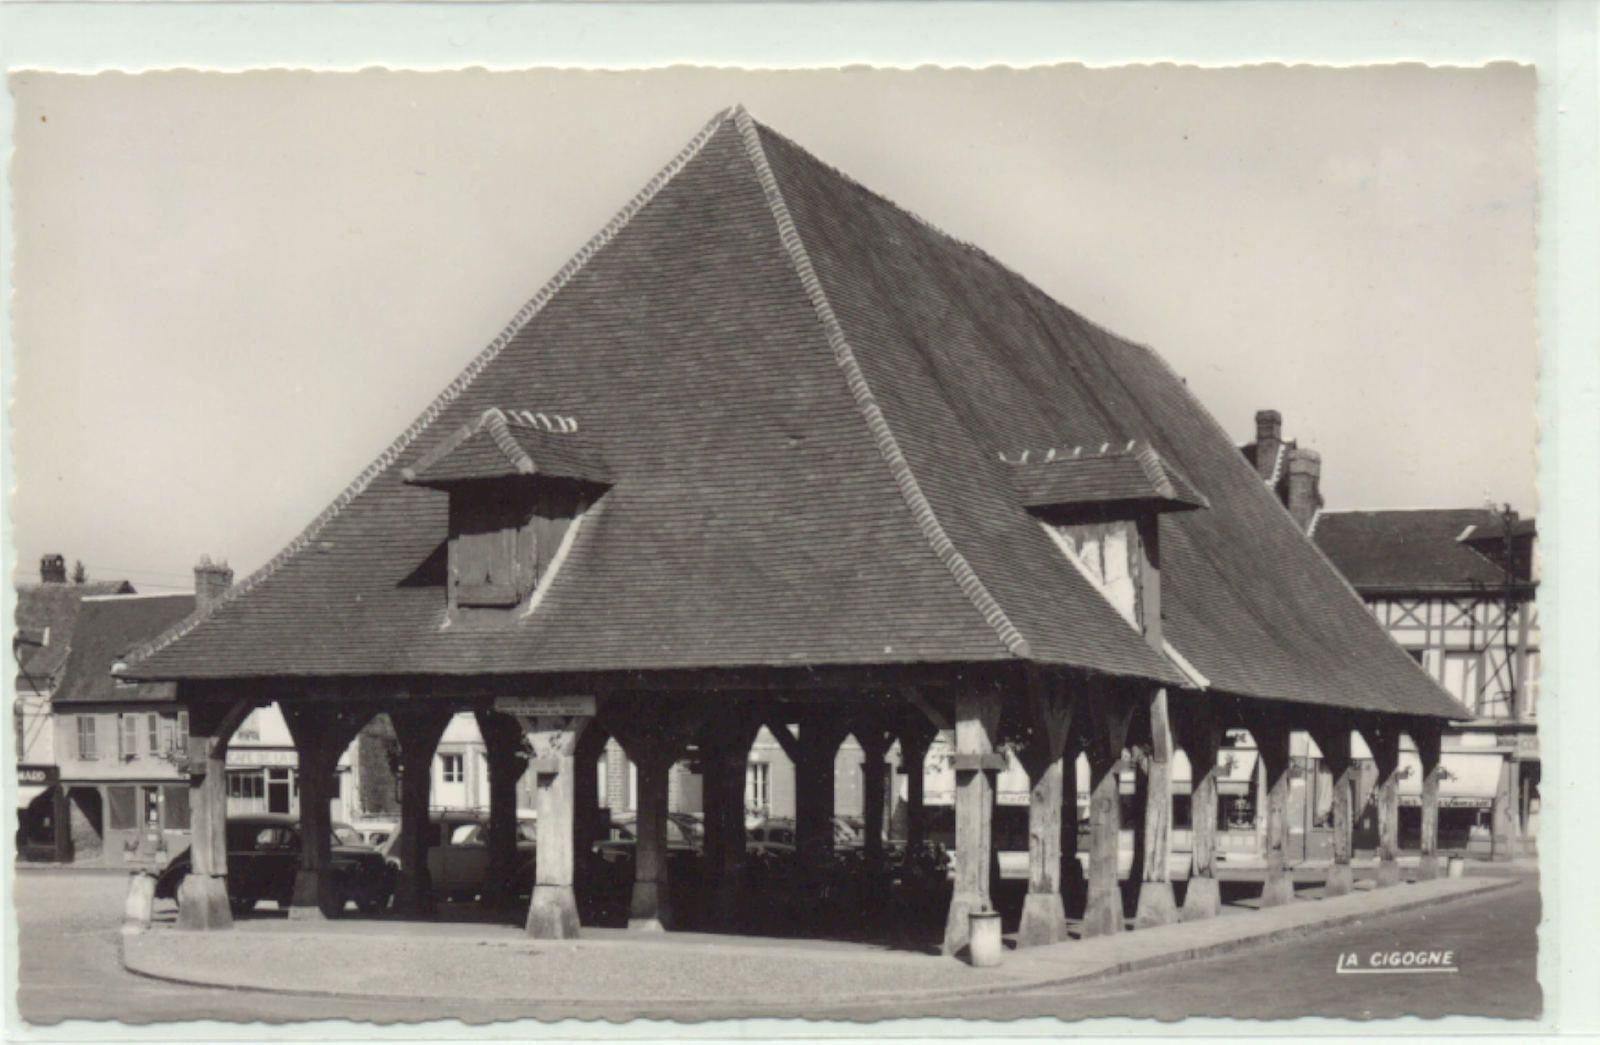 La halle de Lyons-la-forêt fournit peut-être une idée de ce qu'était la halle de Pont-de-l'Arche avant 1780 avec des dimensions sûrement plus réduites, toutefois. Carte postale des années 1950.